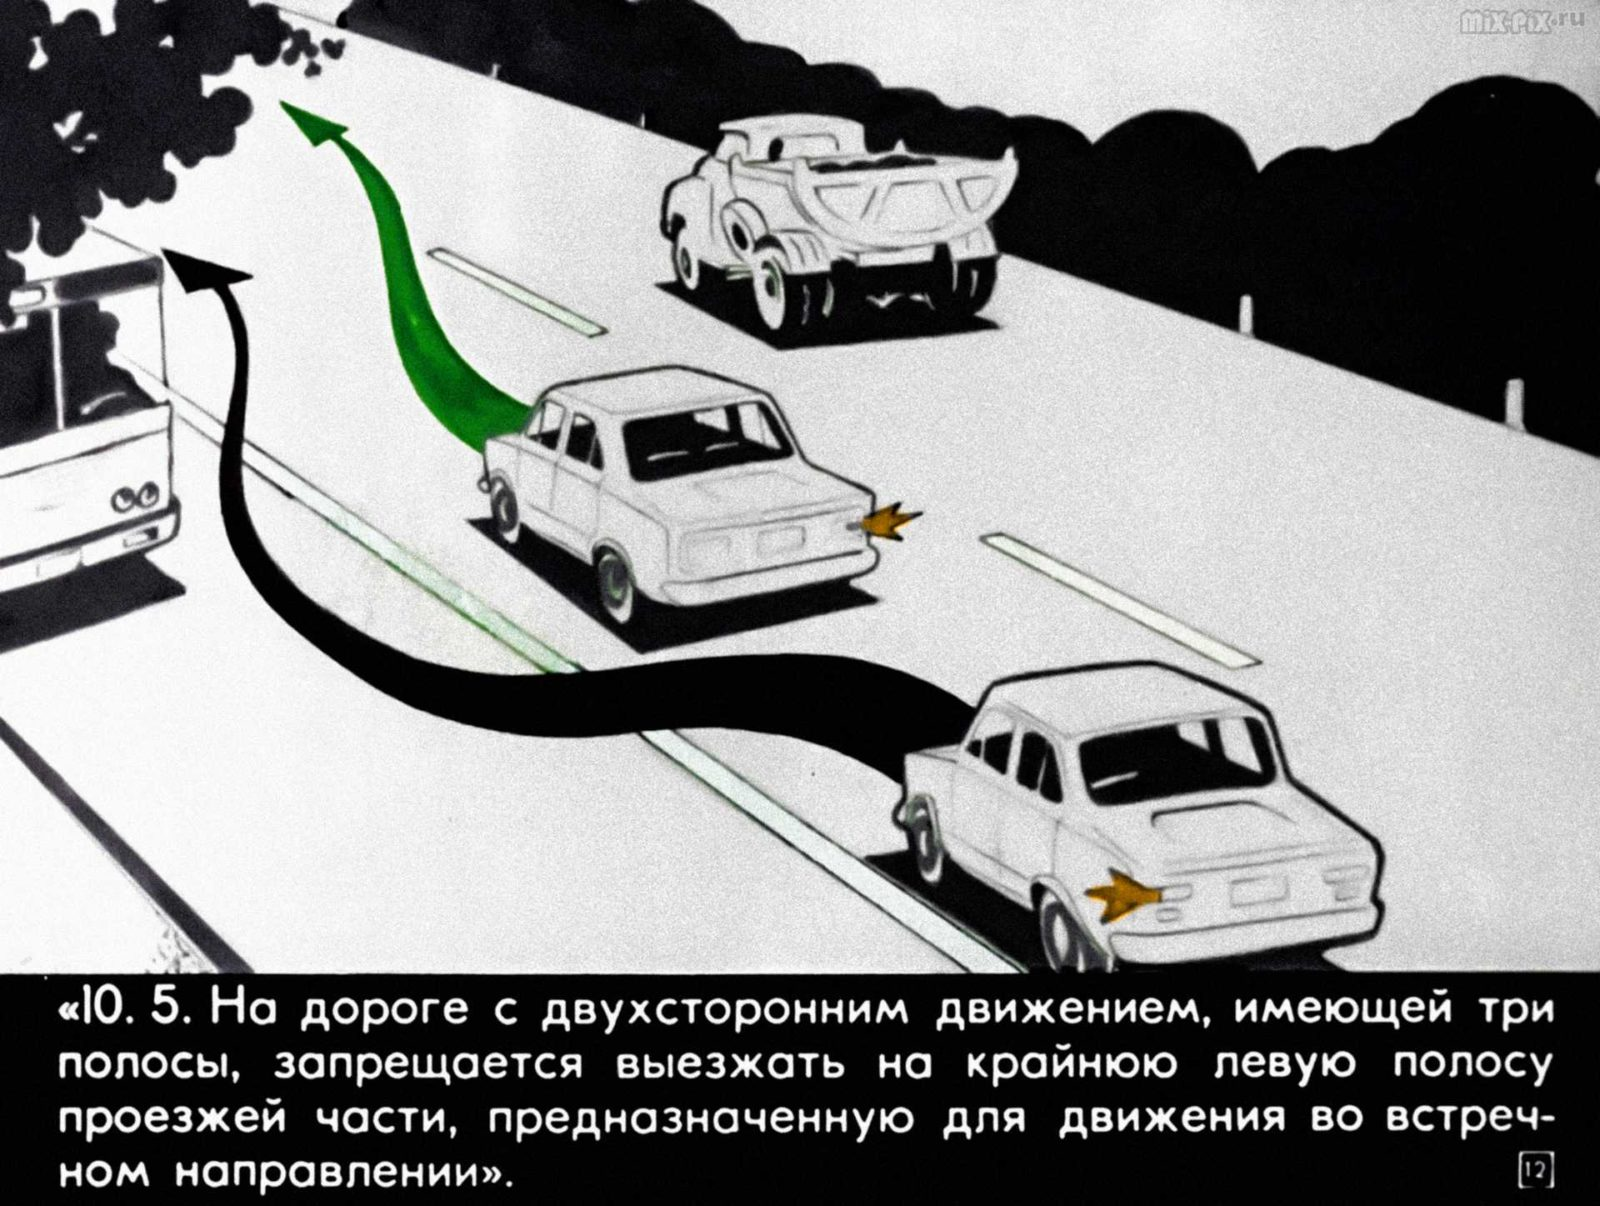 Правила дорожного движения. Расположение транспортных средств на проезжей части. Начало движения. Маневрирование (1983) 36